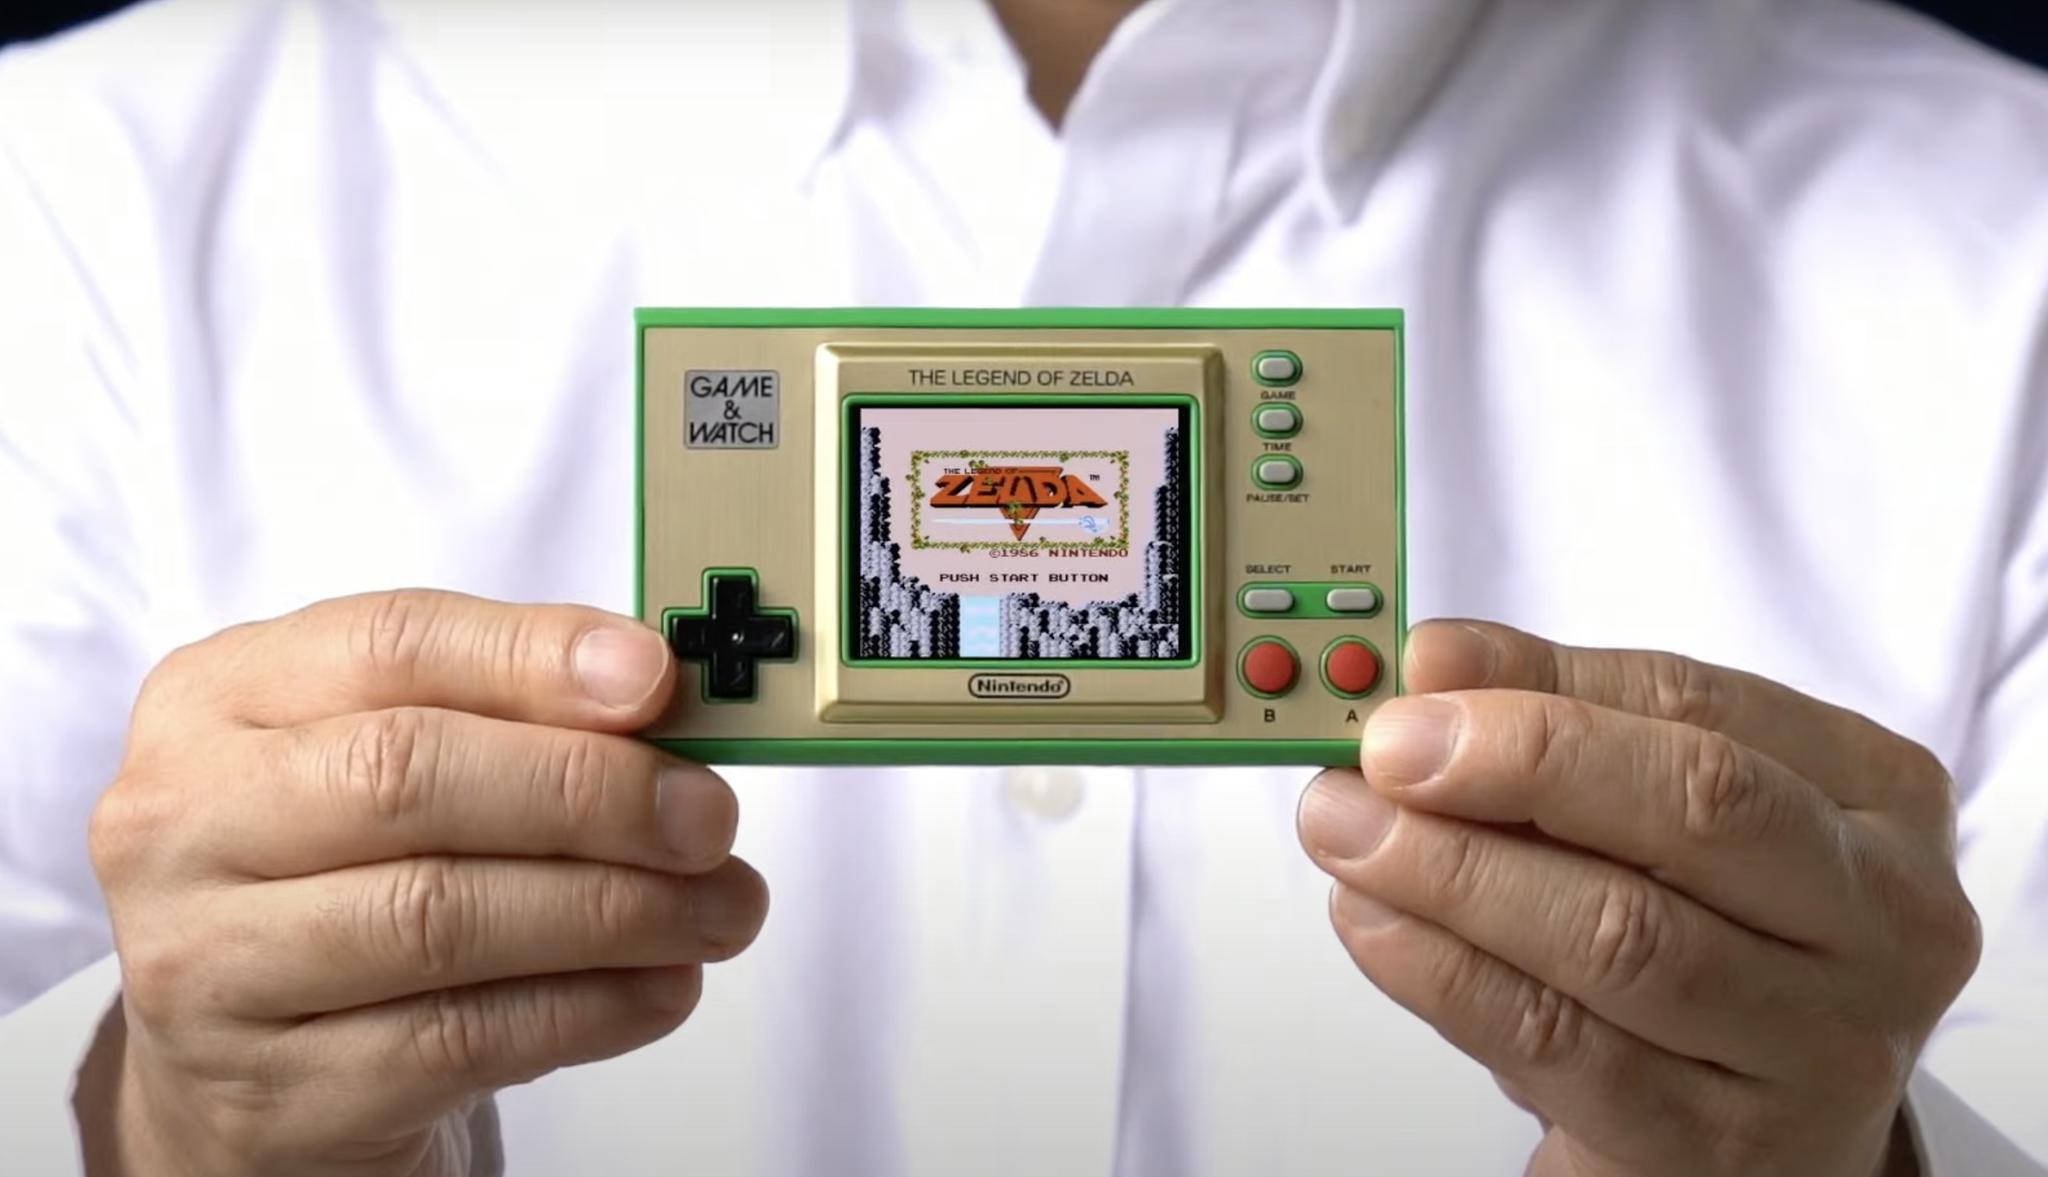 任天堂推出一款Game & Watch复刻版掌机:内置四款《塞尔达》游戏